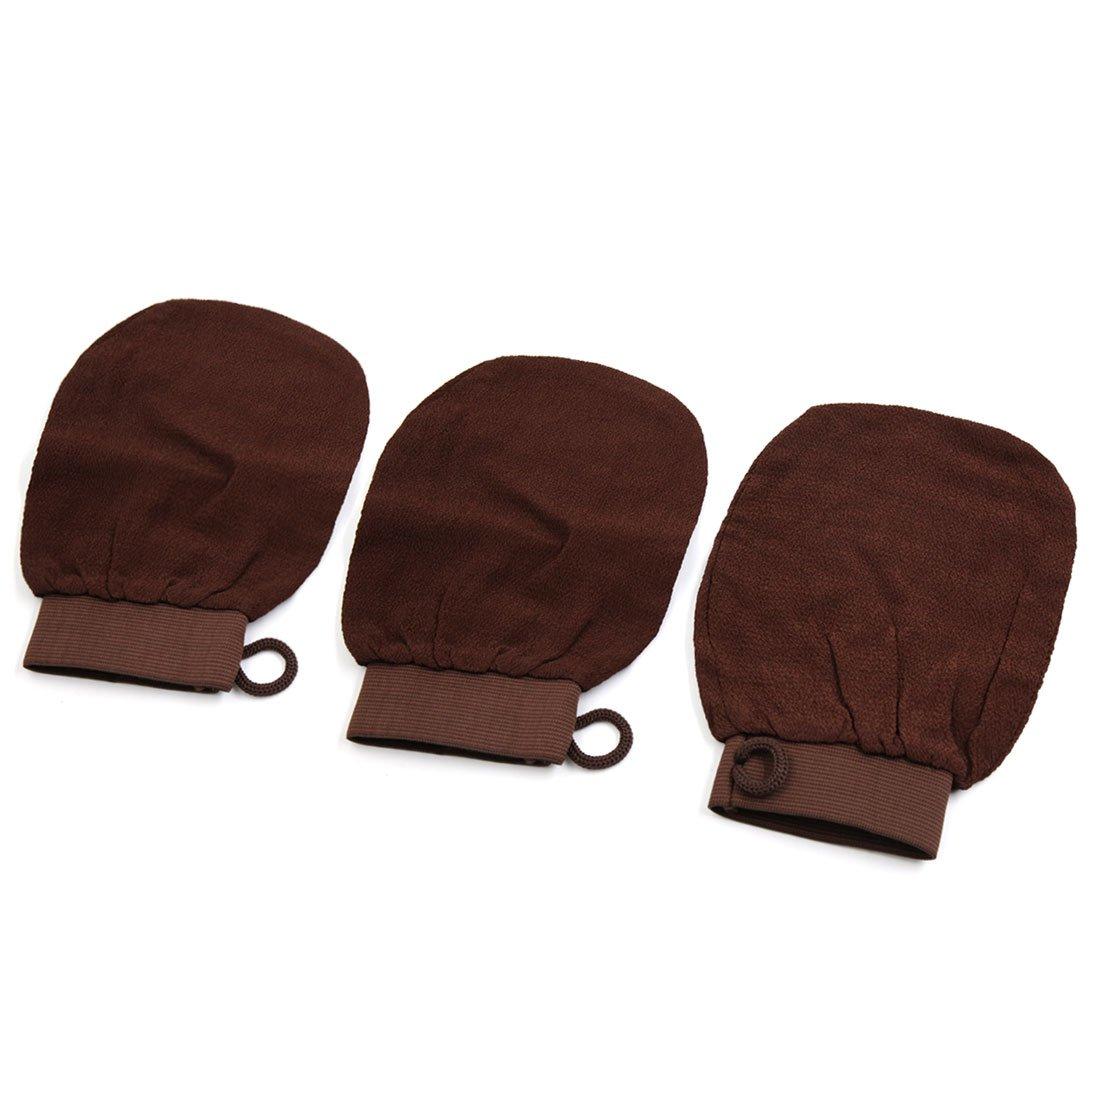 uxcell3pcs Bath Shower Sauna Dead Hard Skin Care Exfoliator Exfoliating Massage Mitt Back Scrubber Glove a17032900ux1122